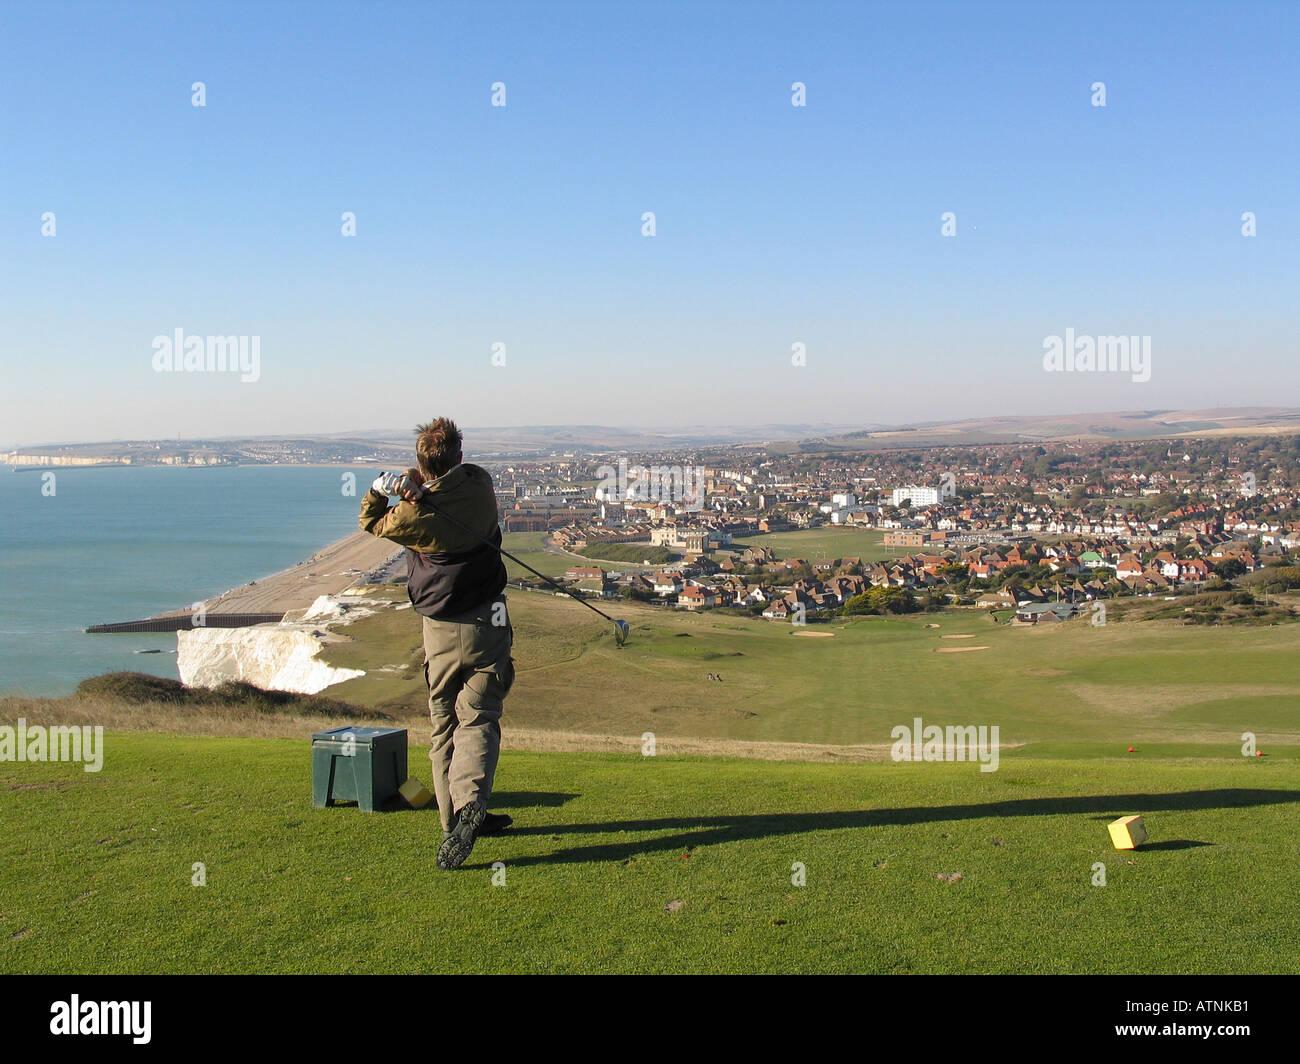 Ein Golfspieler auf dem Golfplatz Seaford Kopf auf der South Downs in Großbritannien Stockbild